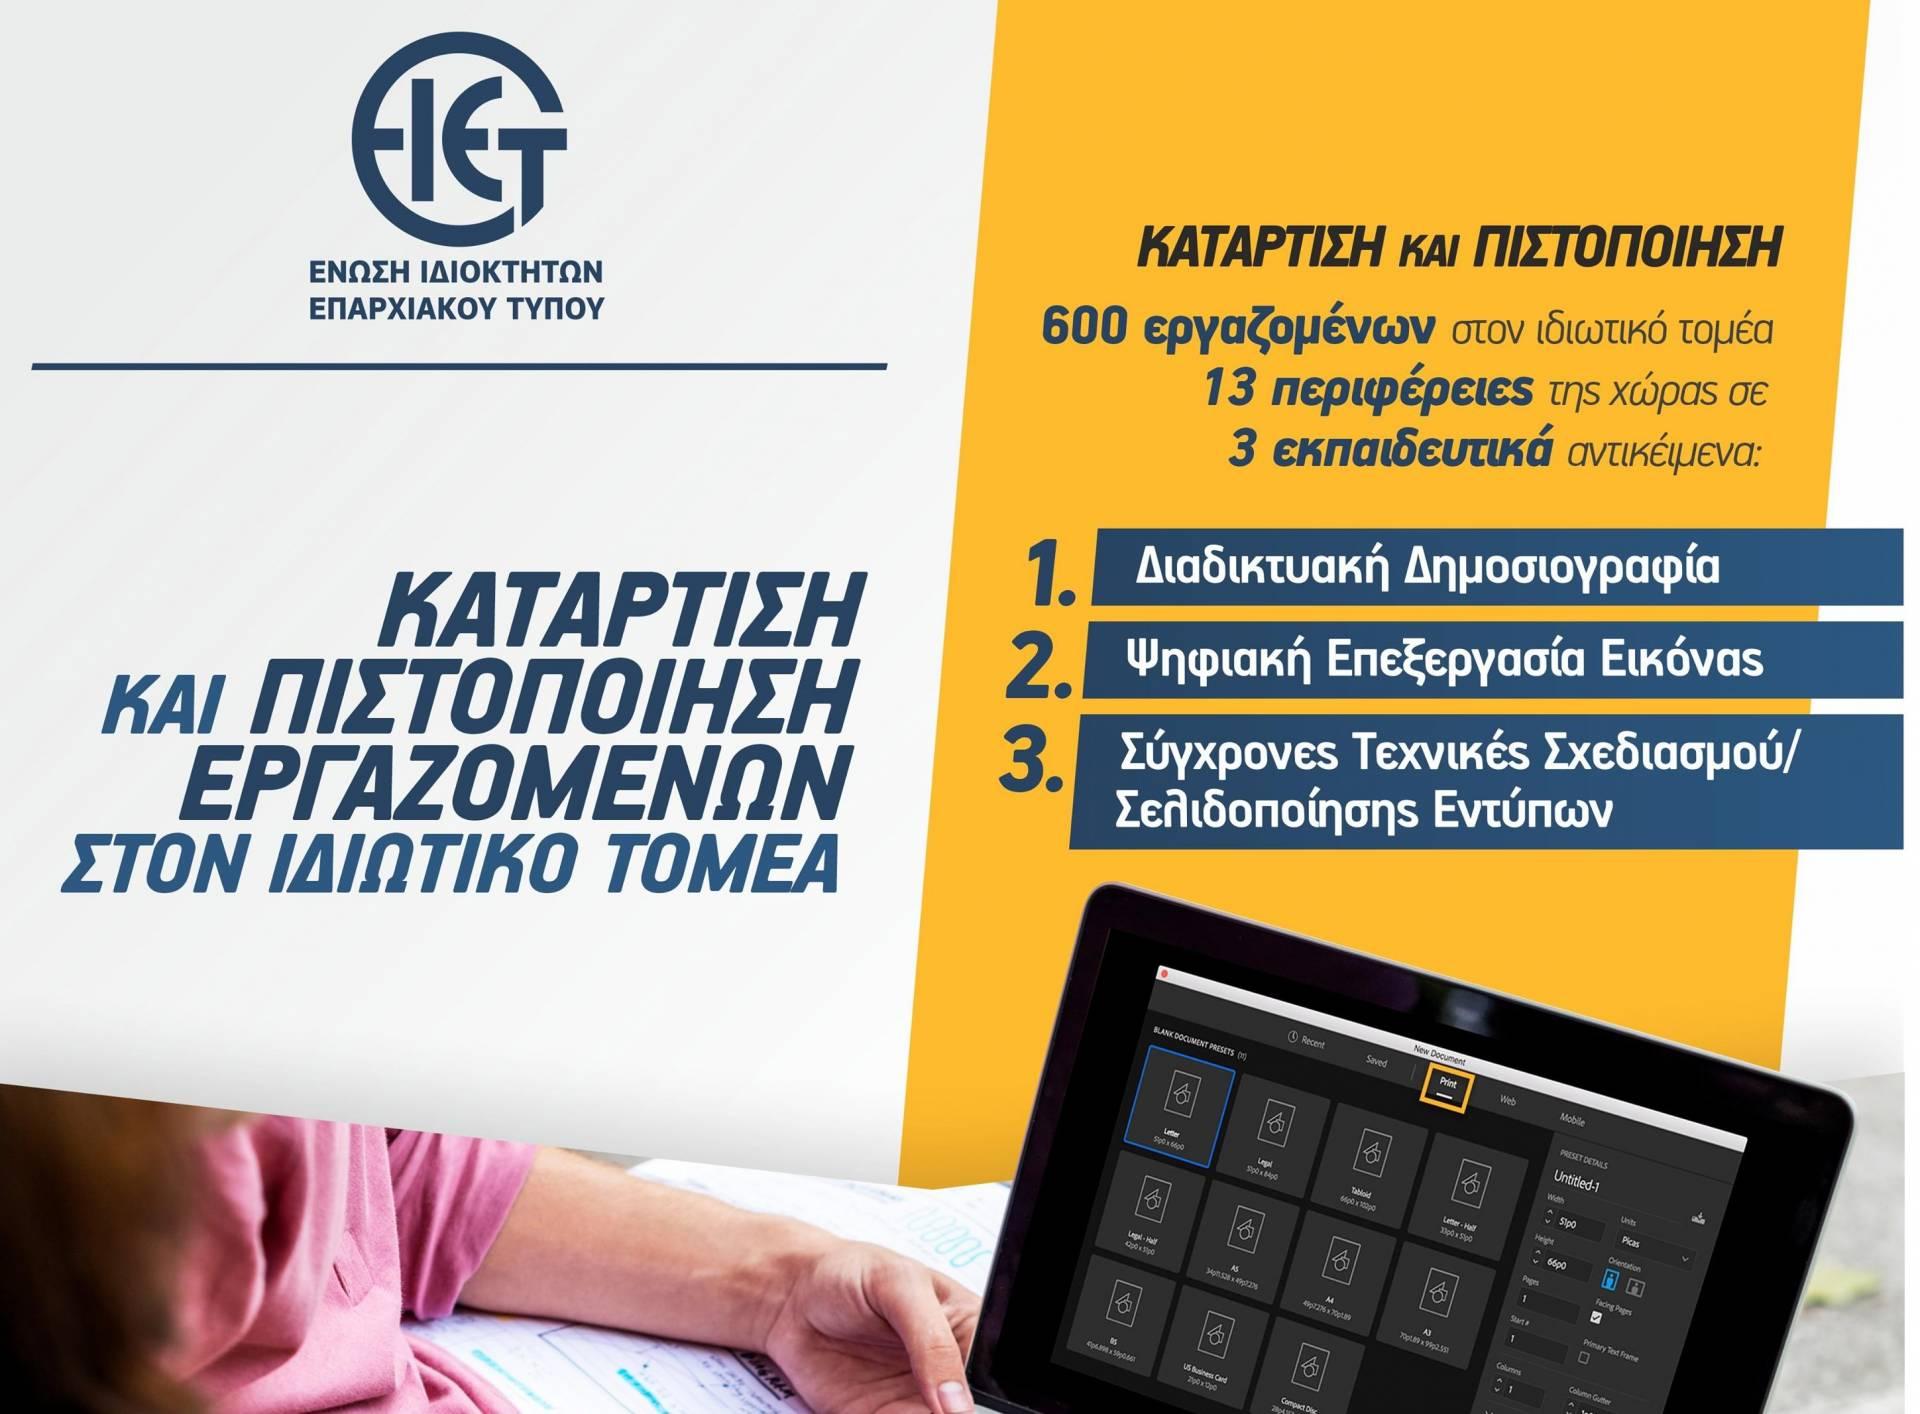 ΕΙΕΤ: Μέχρι 31 Μαρτίου οι εγγραφές στο Πρόγραμμα Κατάρτισης και Πιστοποίησης εργαζομένων στον ιδιωτικό τομέα